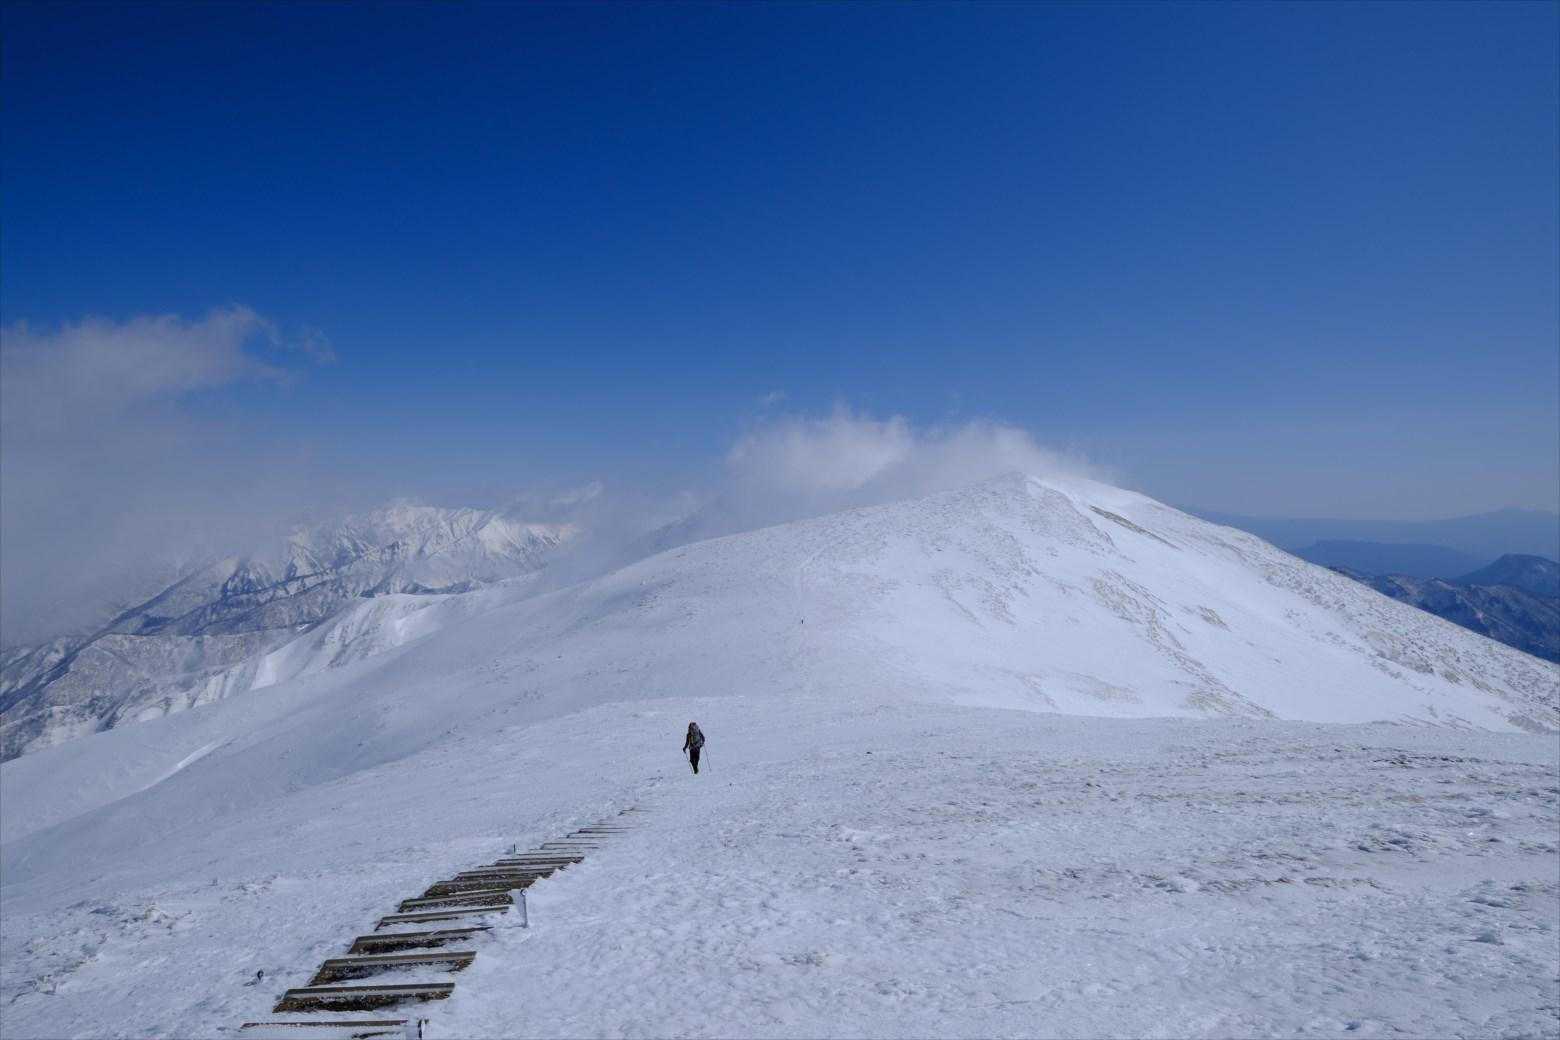 【厳冬期・雪山登山】仙ノ倉山、平標山~広大な雪原ハイク~